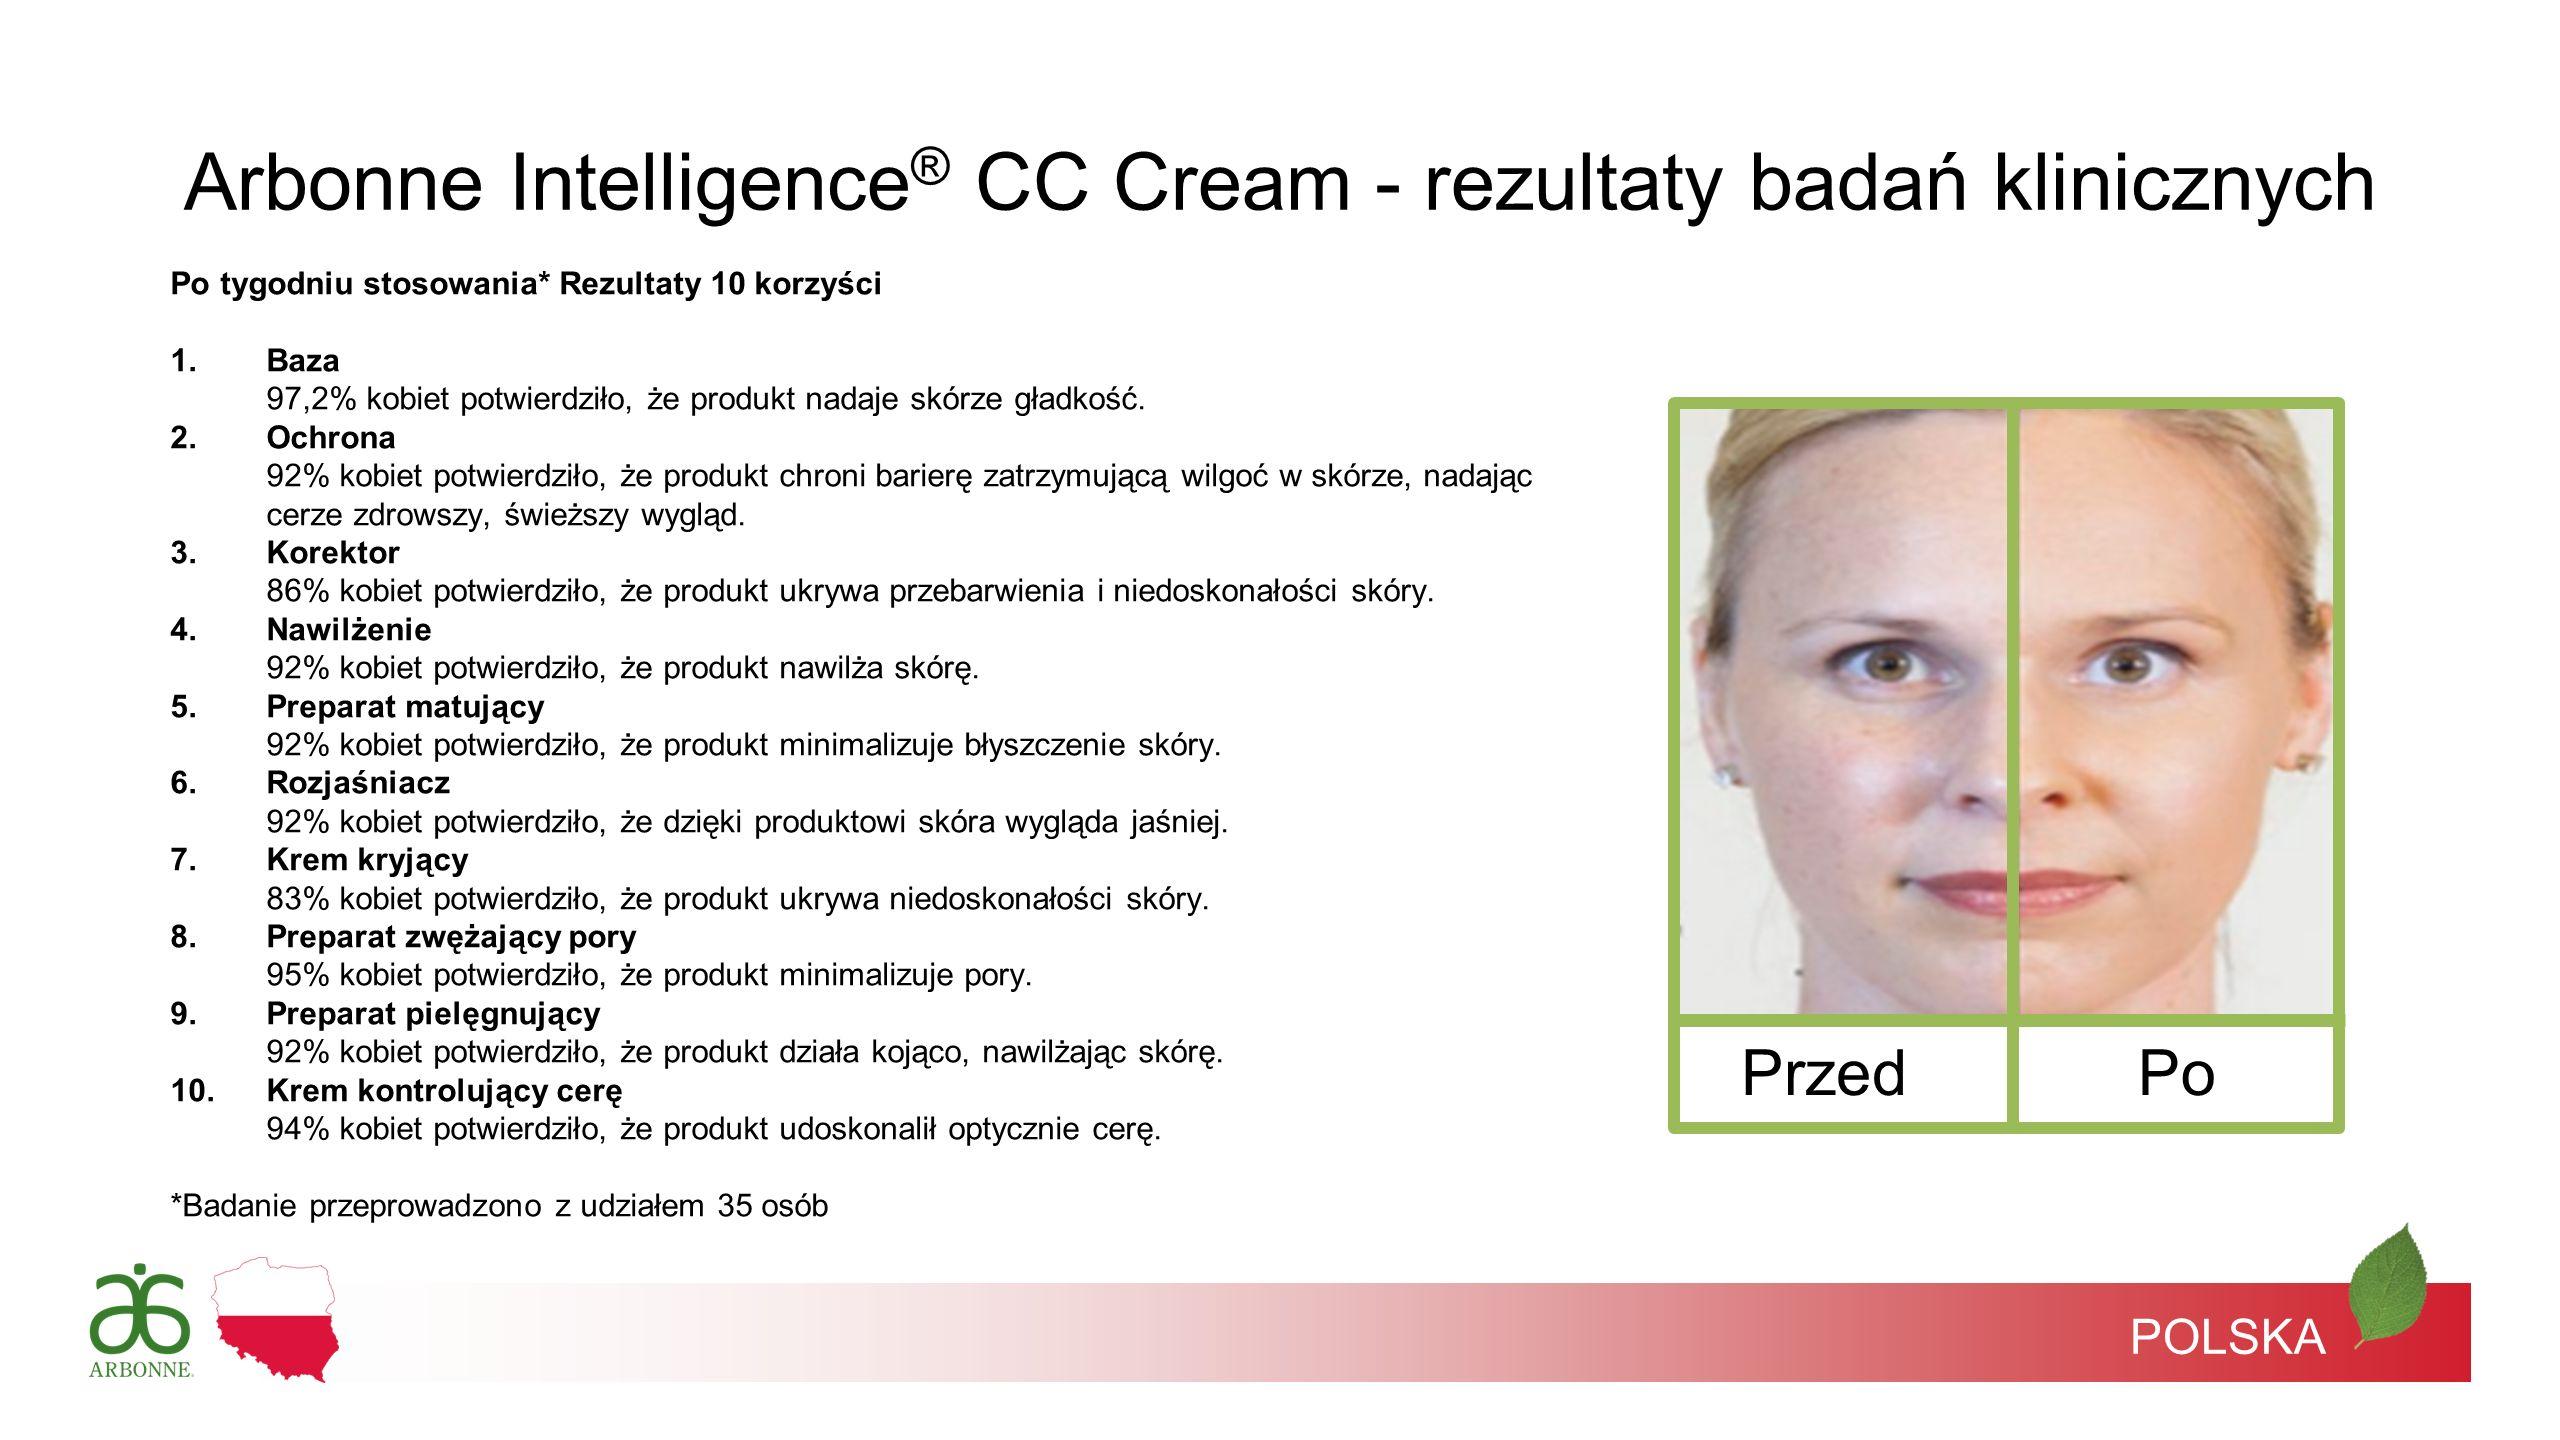 Arbonne Intelligence® CC Cream - rezultaty badań klinicznych